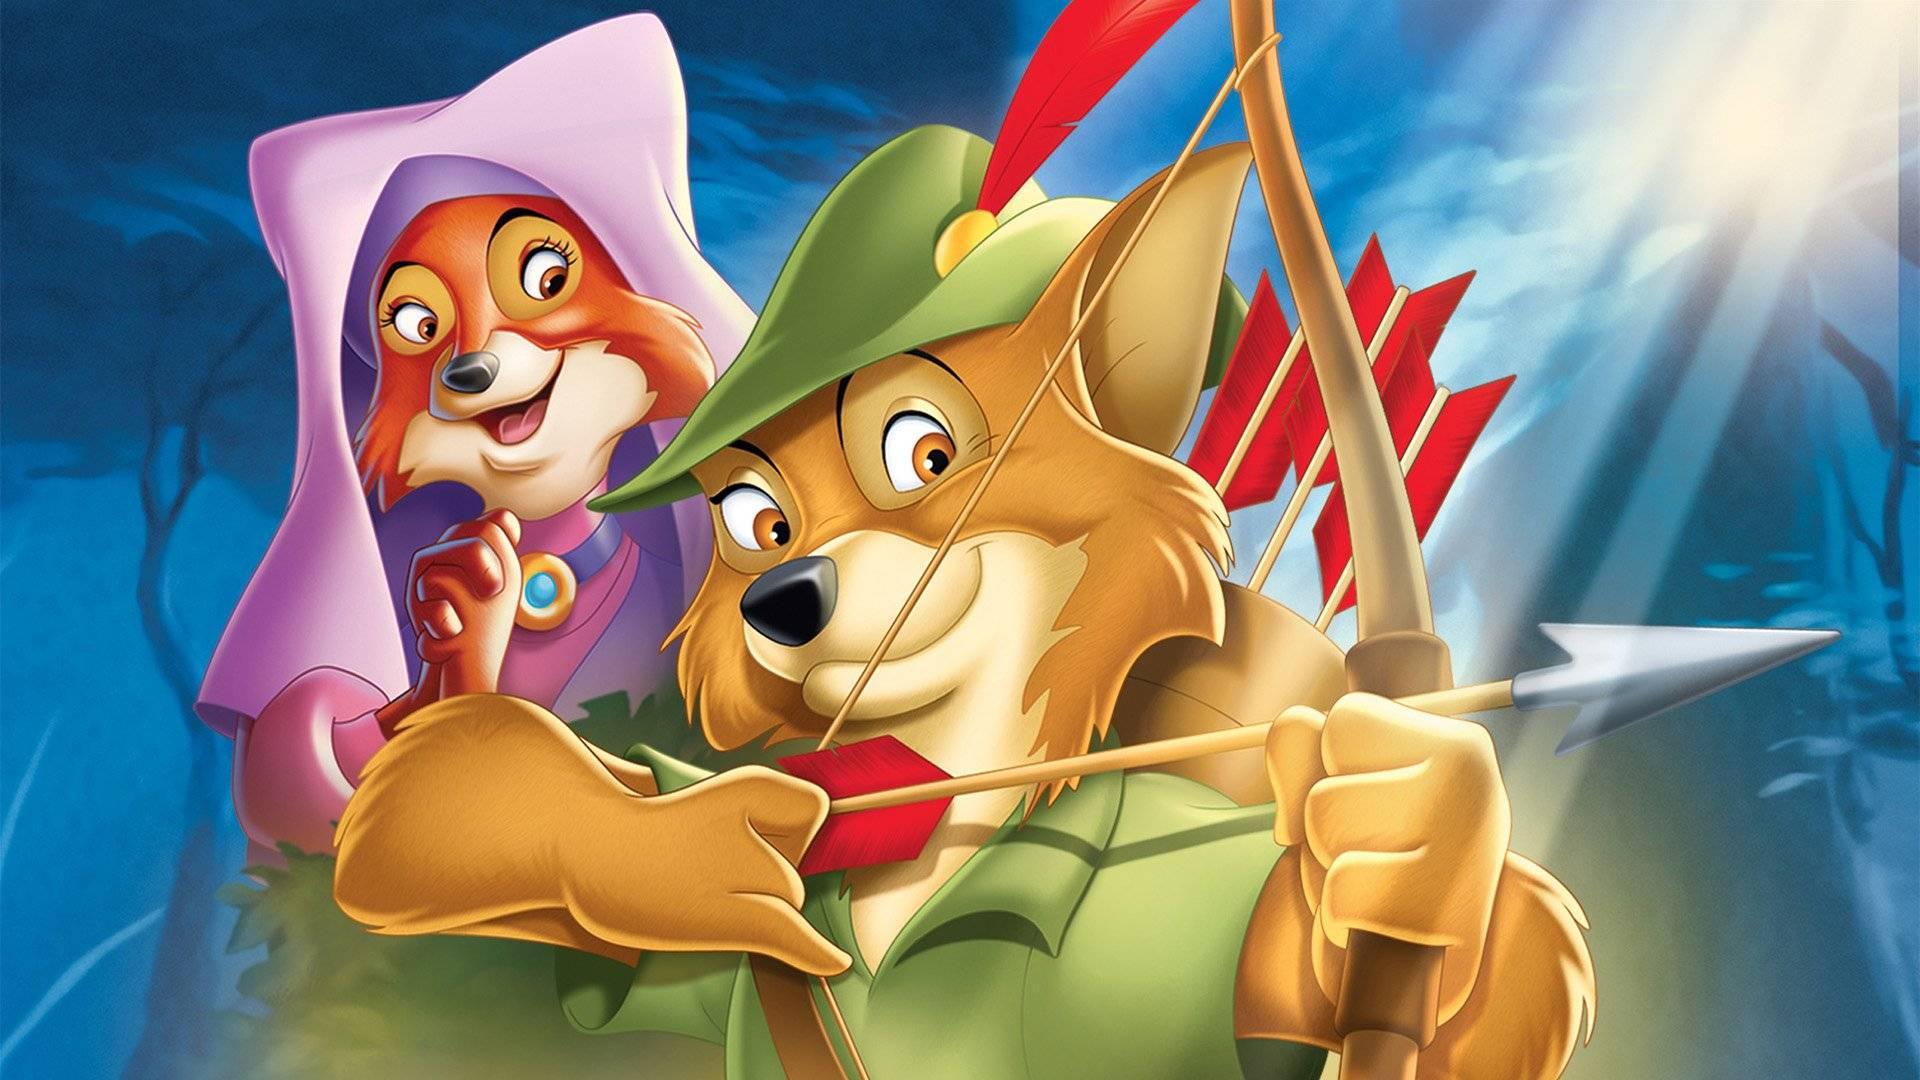 Os fãs de Robin Hood podem festejar, de acordo com vazamentos que surgiu no site wegotthiscovered, a Disney está preparando um remake em live action da animação.